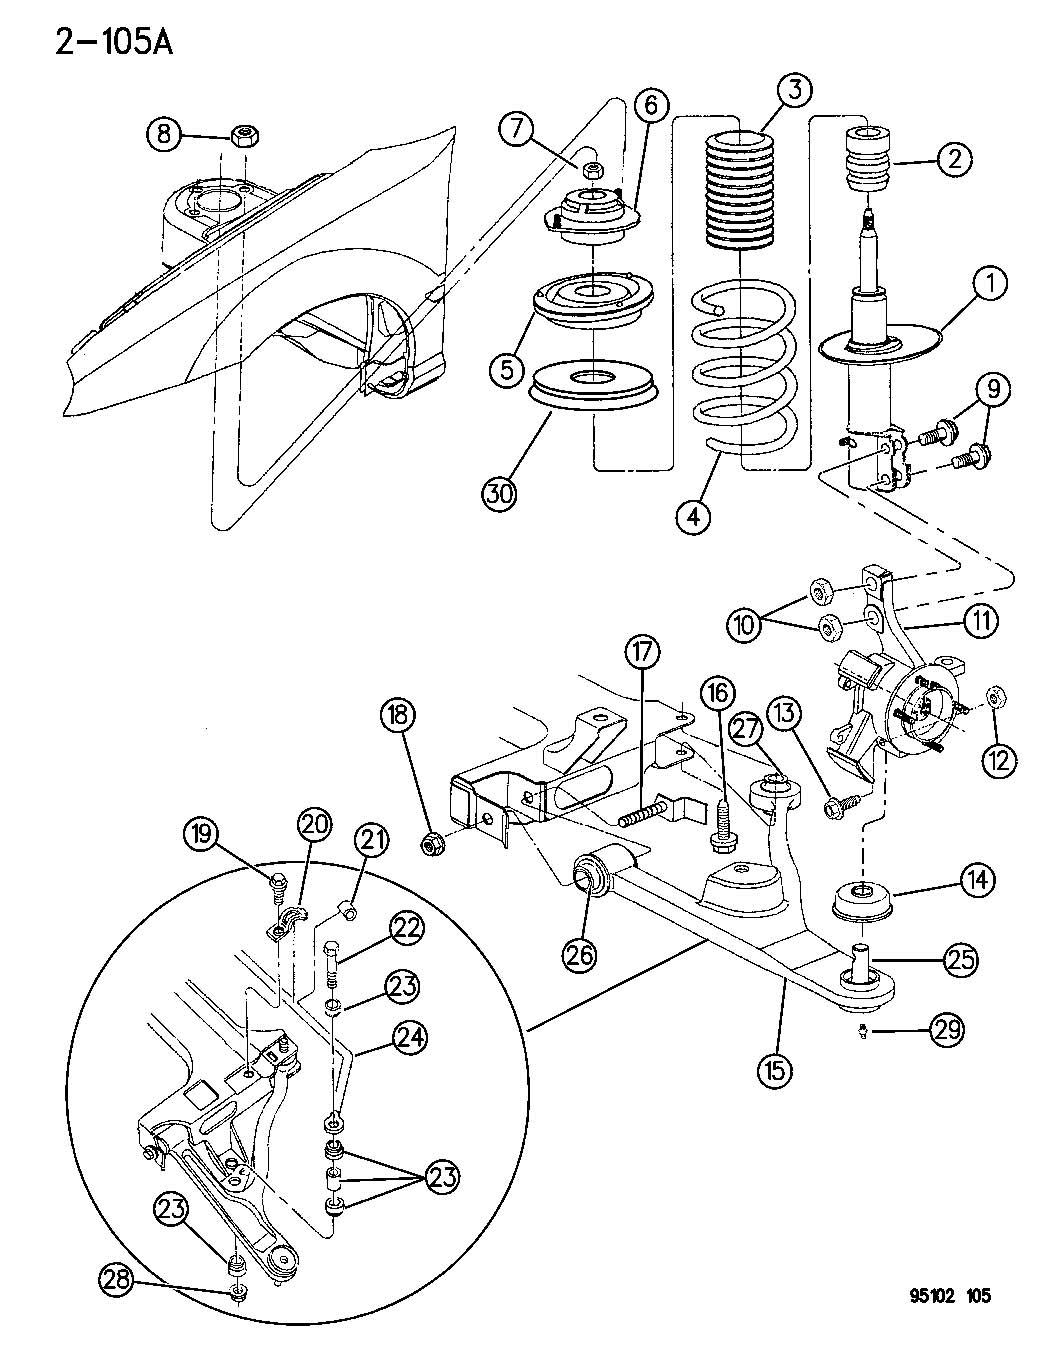 31 Pt Cruiser Rear Suspension Diagram